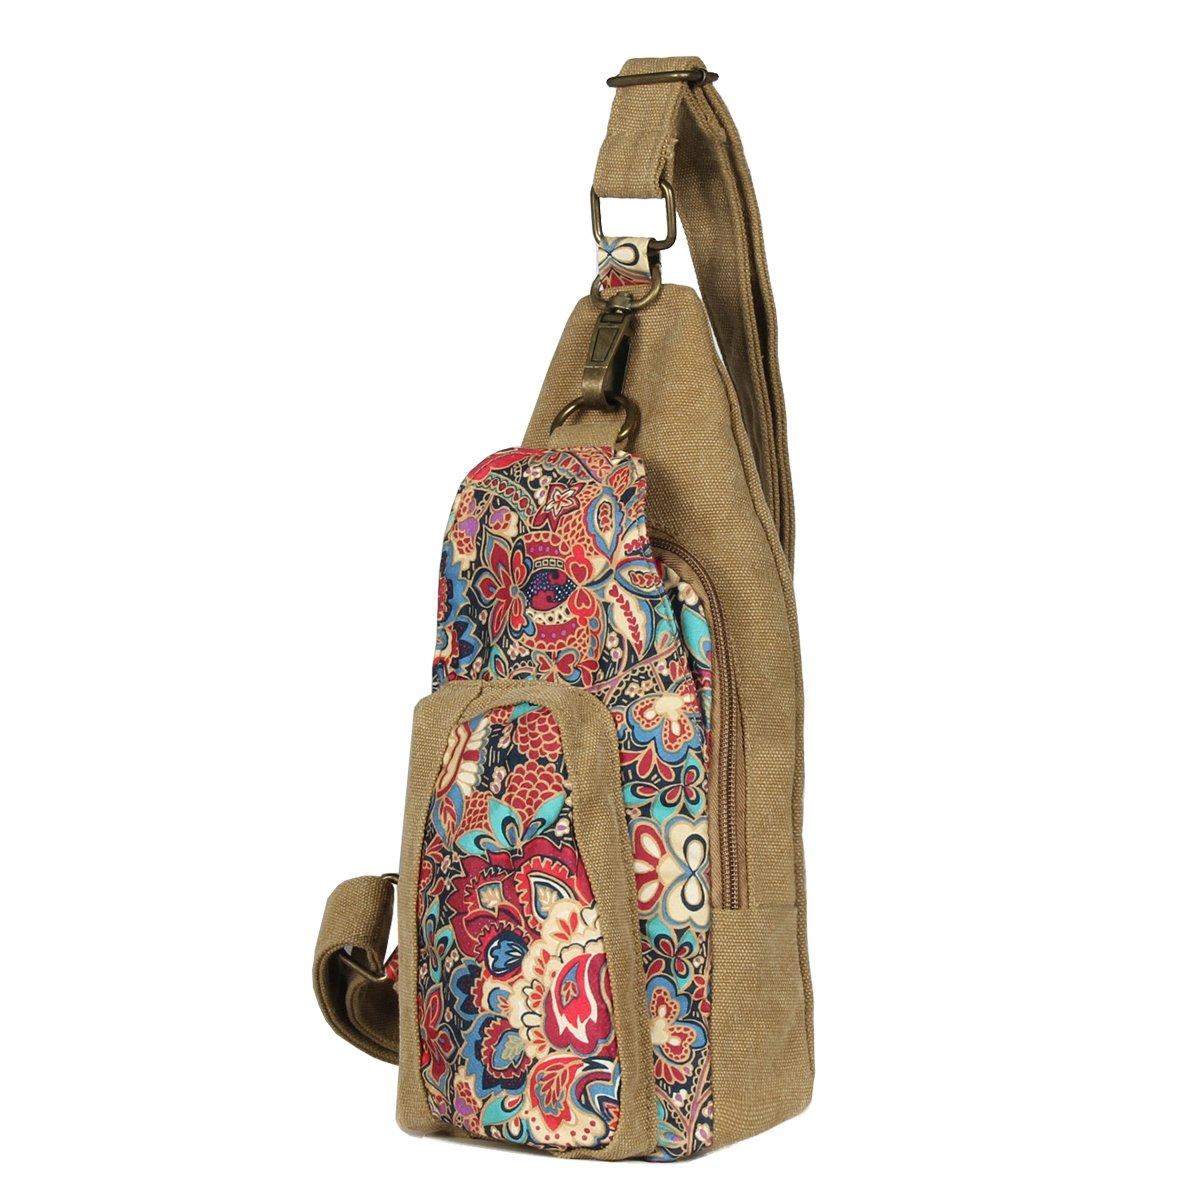 33d946c0756d Black Butterfly Outdoor Chest Pack Crossbody Bag for Women GirlsTravel  Daypack